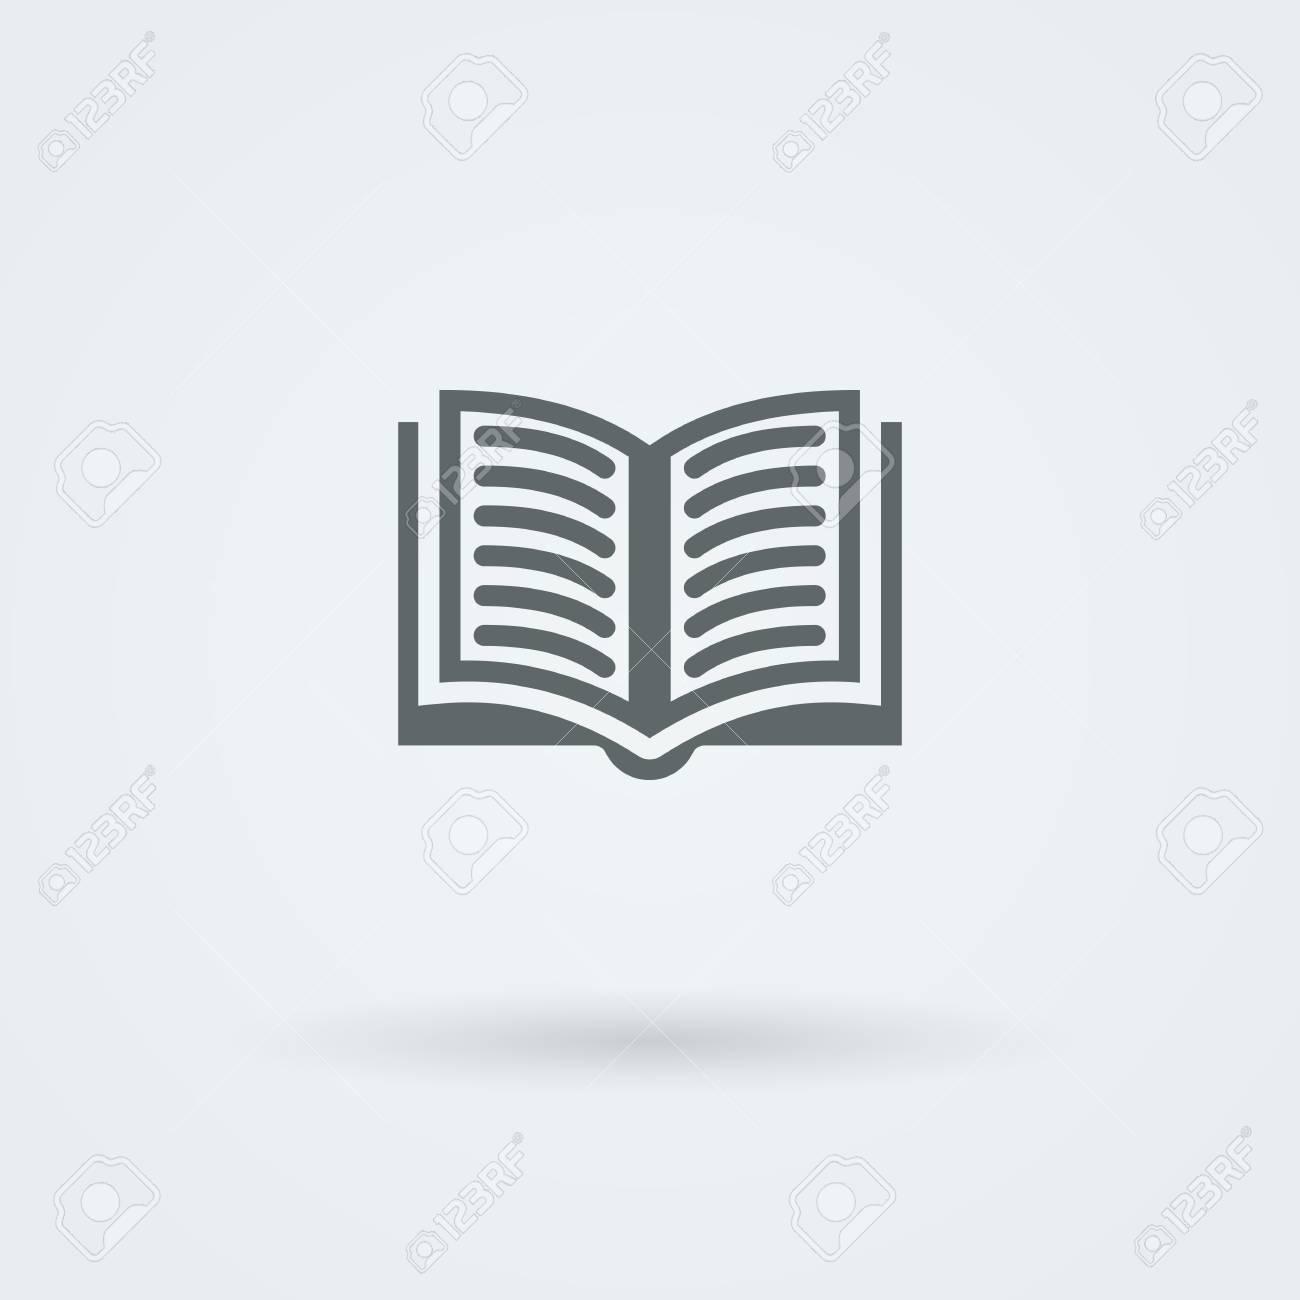 Simple Vecteur Livre Ouvert Icone Logo Pictogramme Bouton